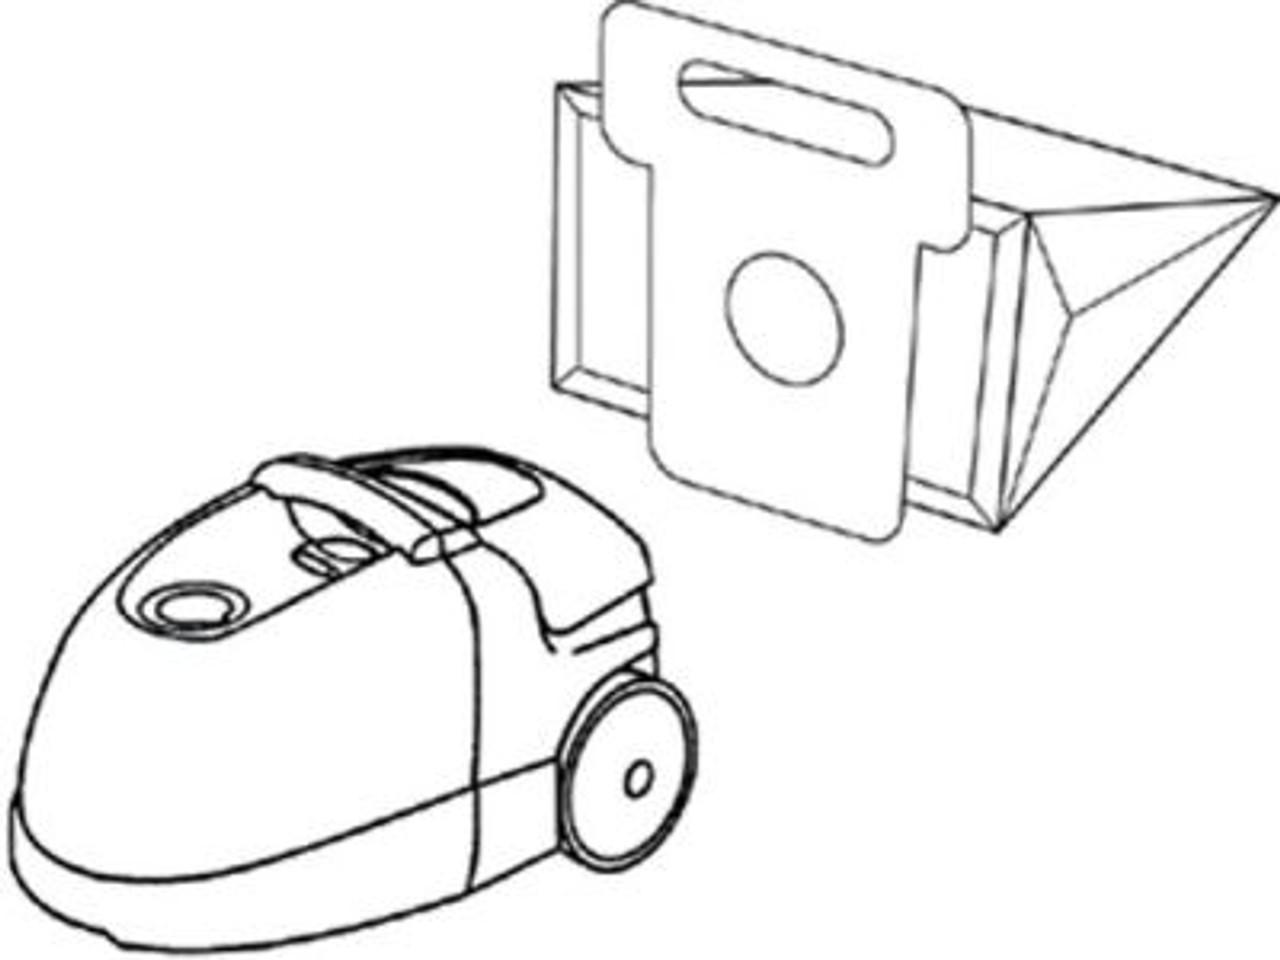 Moulinex Powerstar Vacuum Cleaner Bags - SDB264